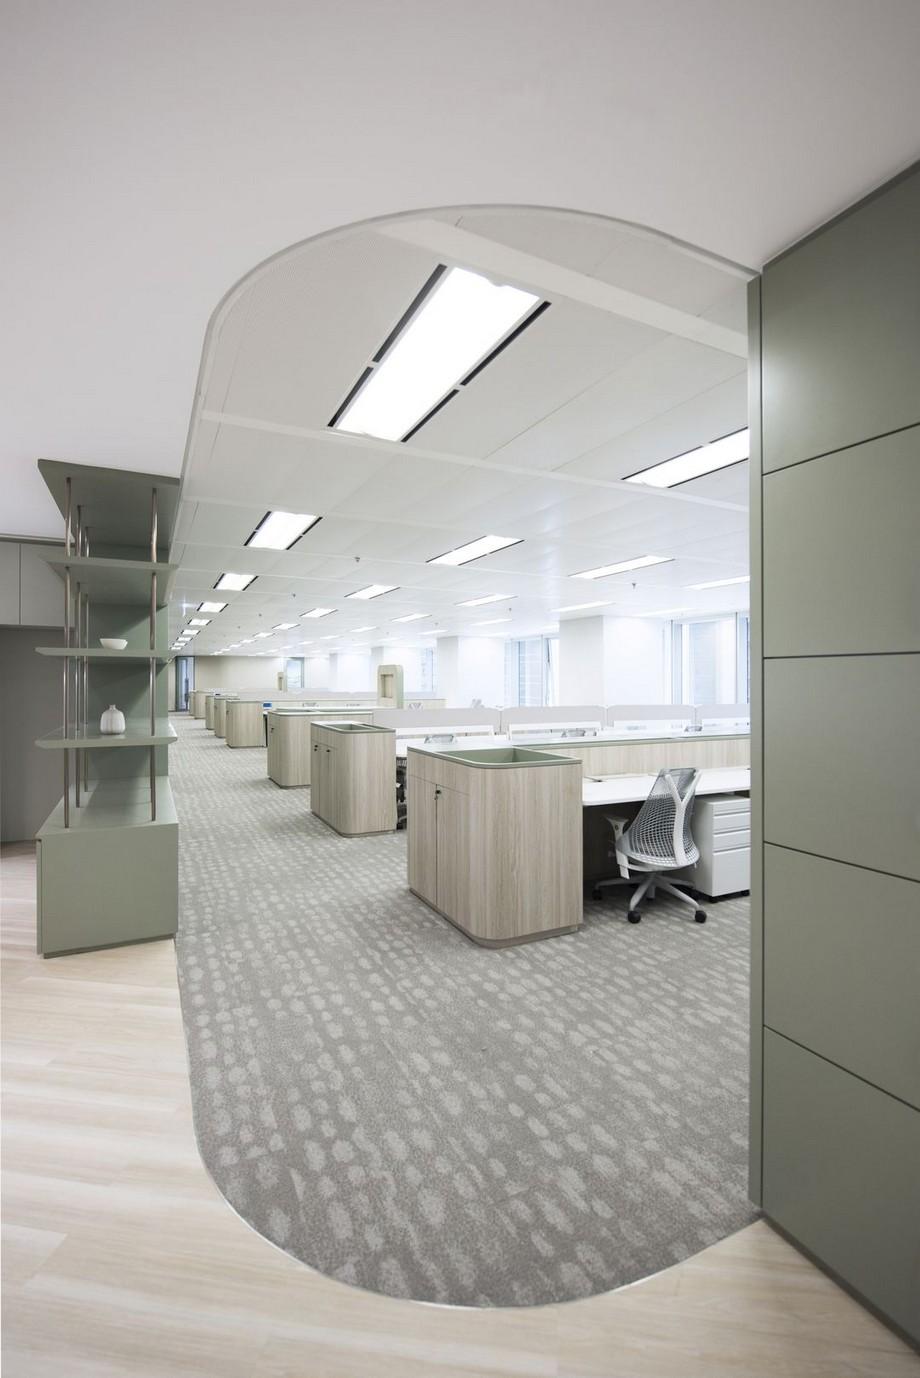 Điểm tương đồng giống nhau của 2 phong cách thiết kế văn phòng đương đại và hiện đại